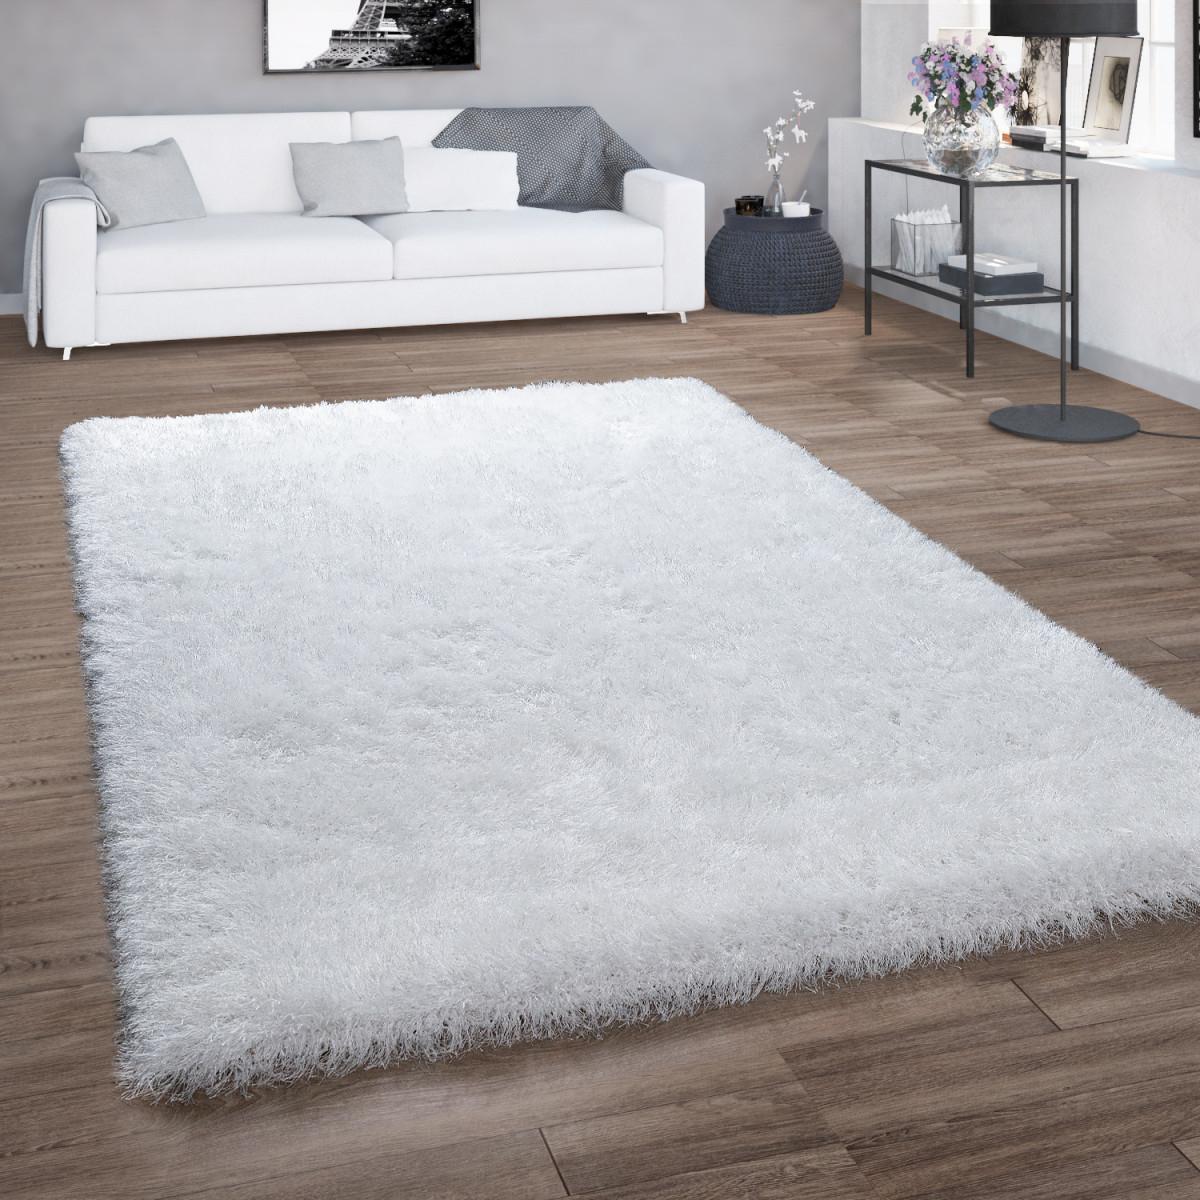 Hochflorteppich Shaggy Für Wohnzimmer Mit Glitzergarn Einfarbig In Weiß von Teppich Wohnzimmer Groß Photo